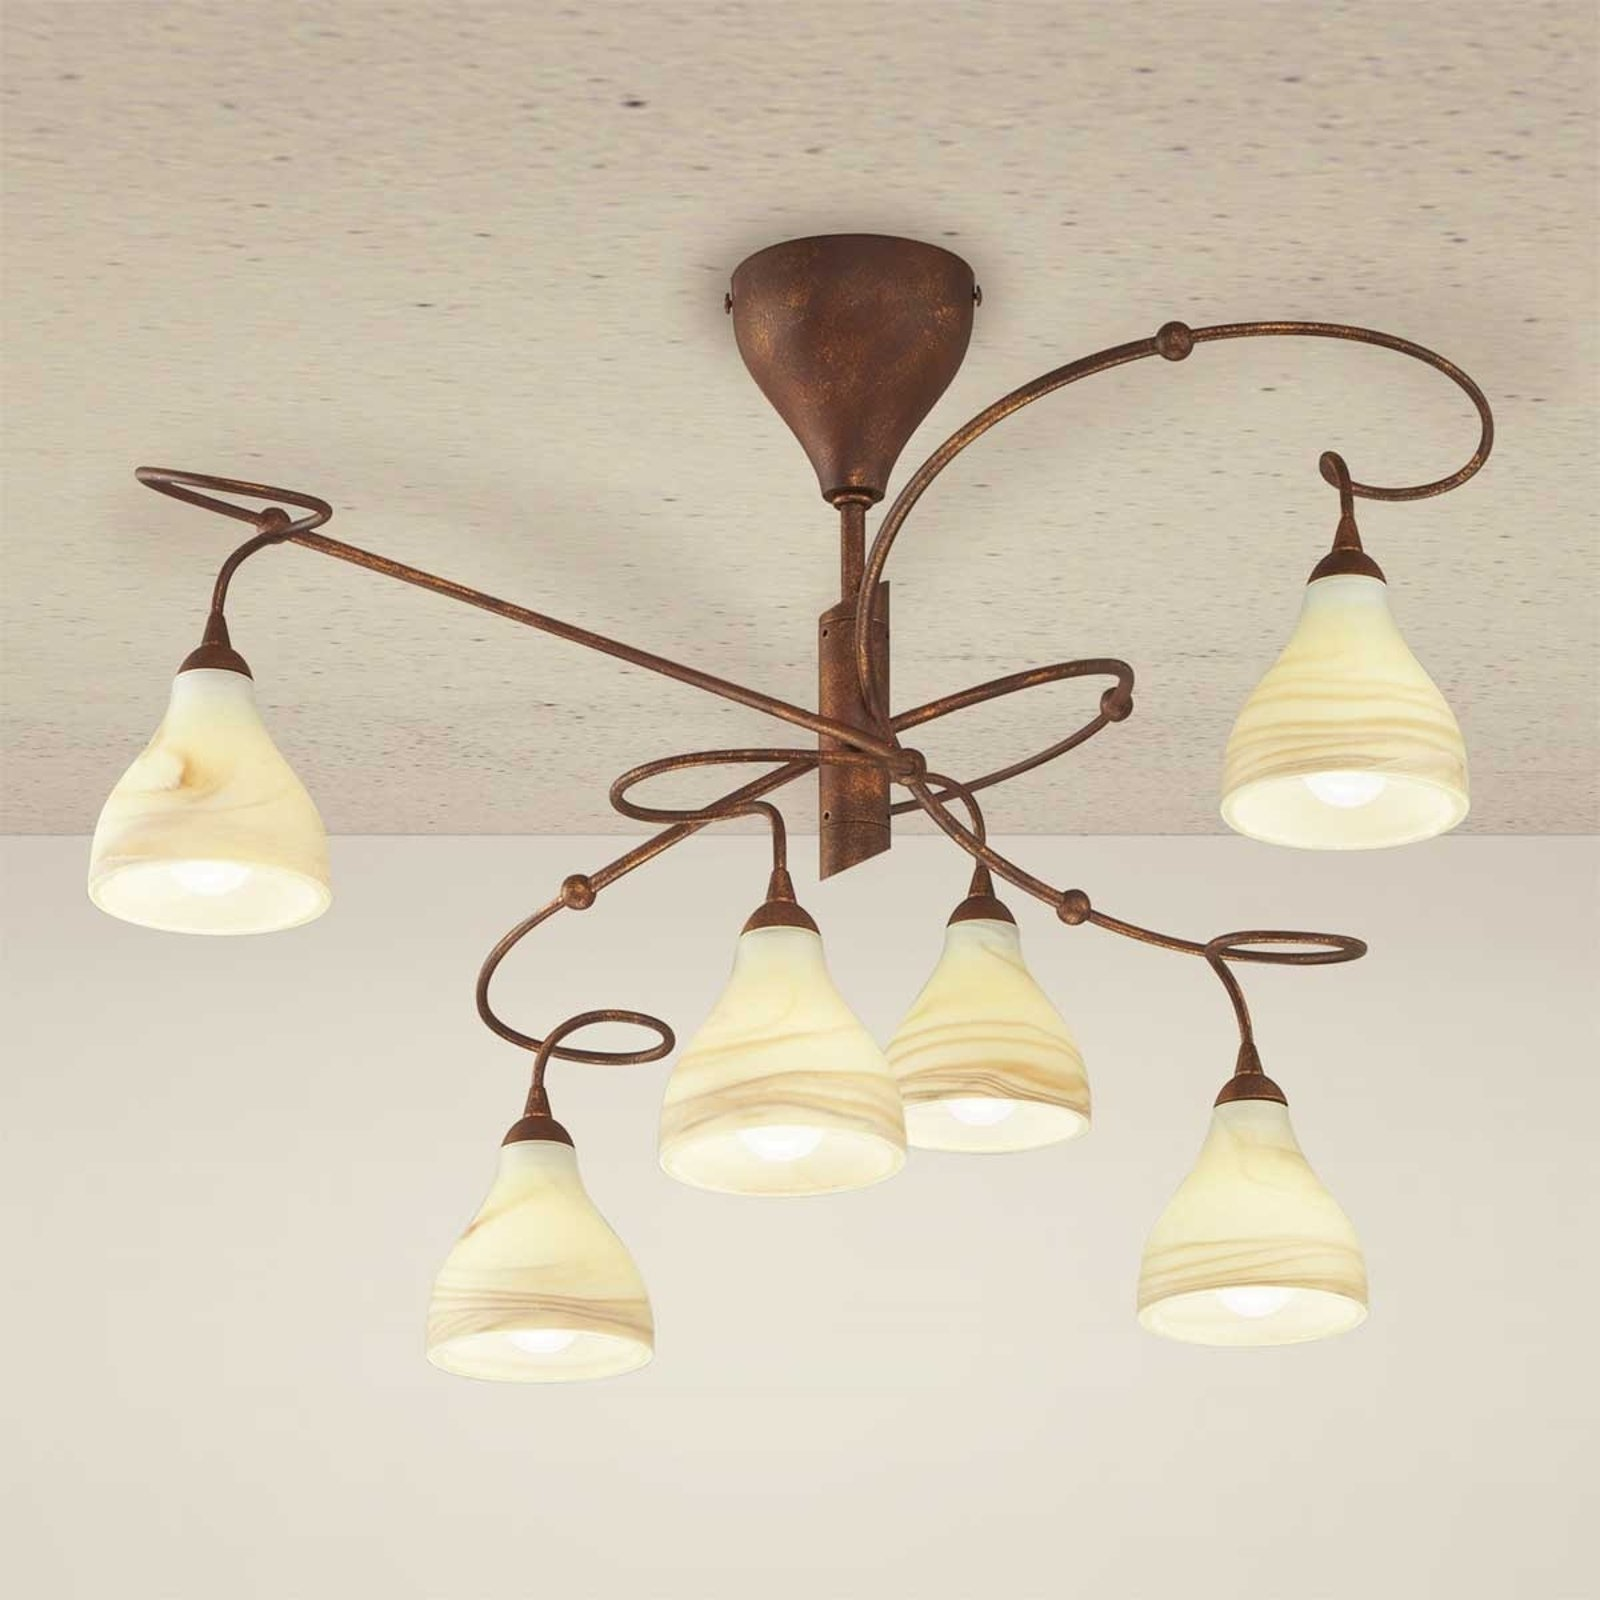 Rustikk taklampe Mattia, 6 lys